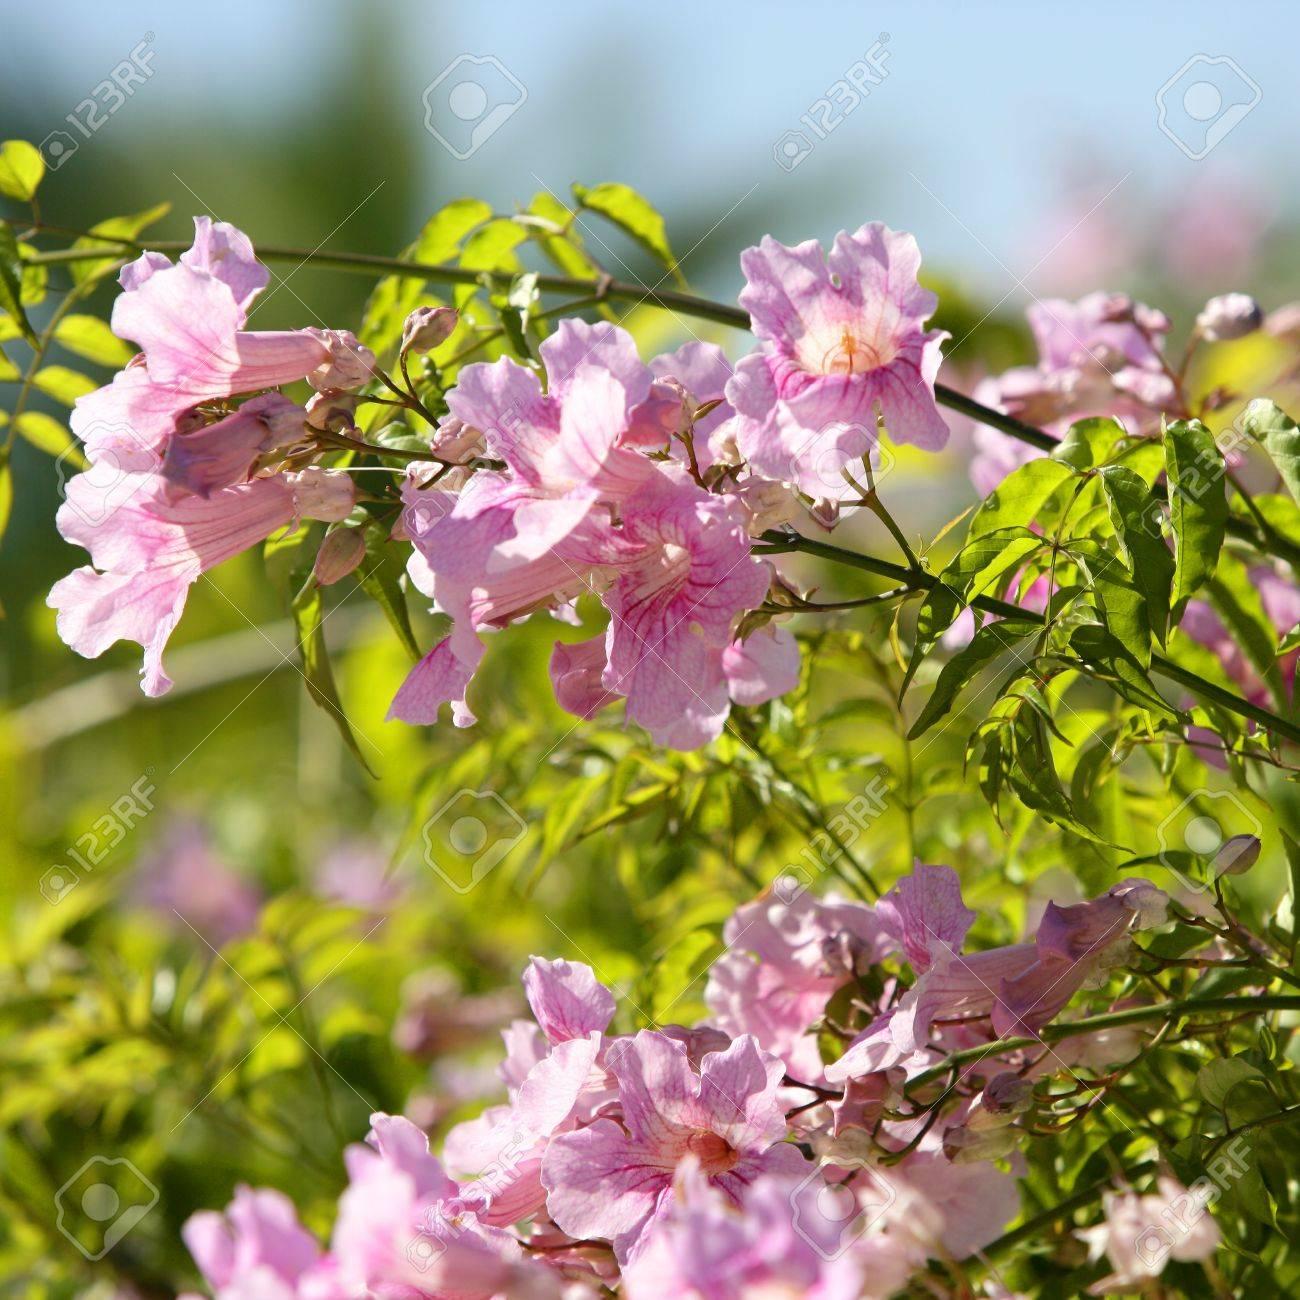 Asarina Erubescens Escrofulariaceas Pink Autumn Flowers Stock